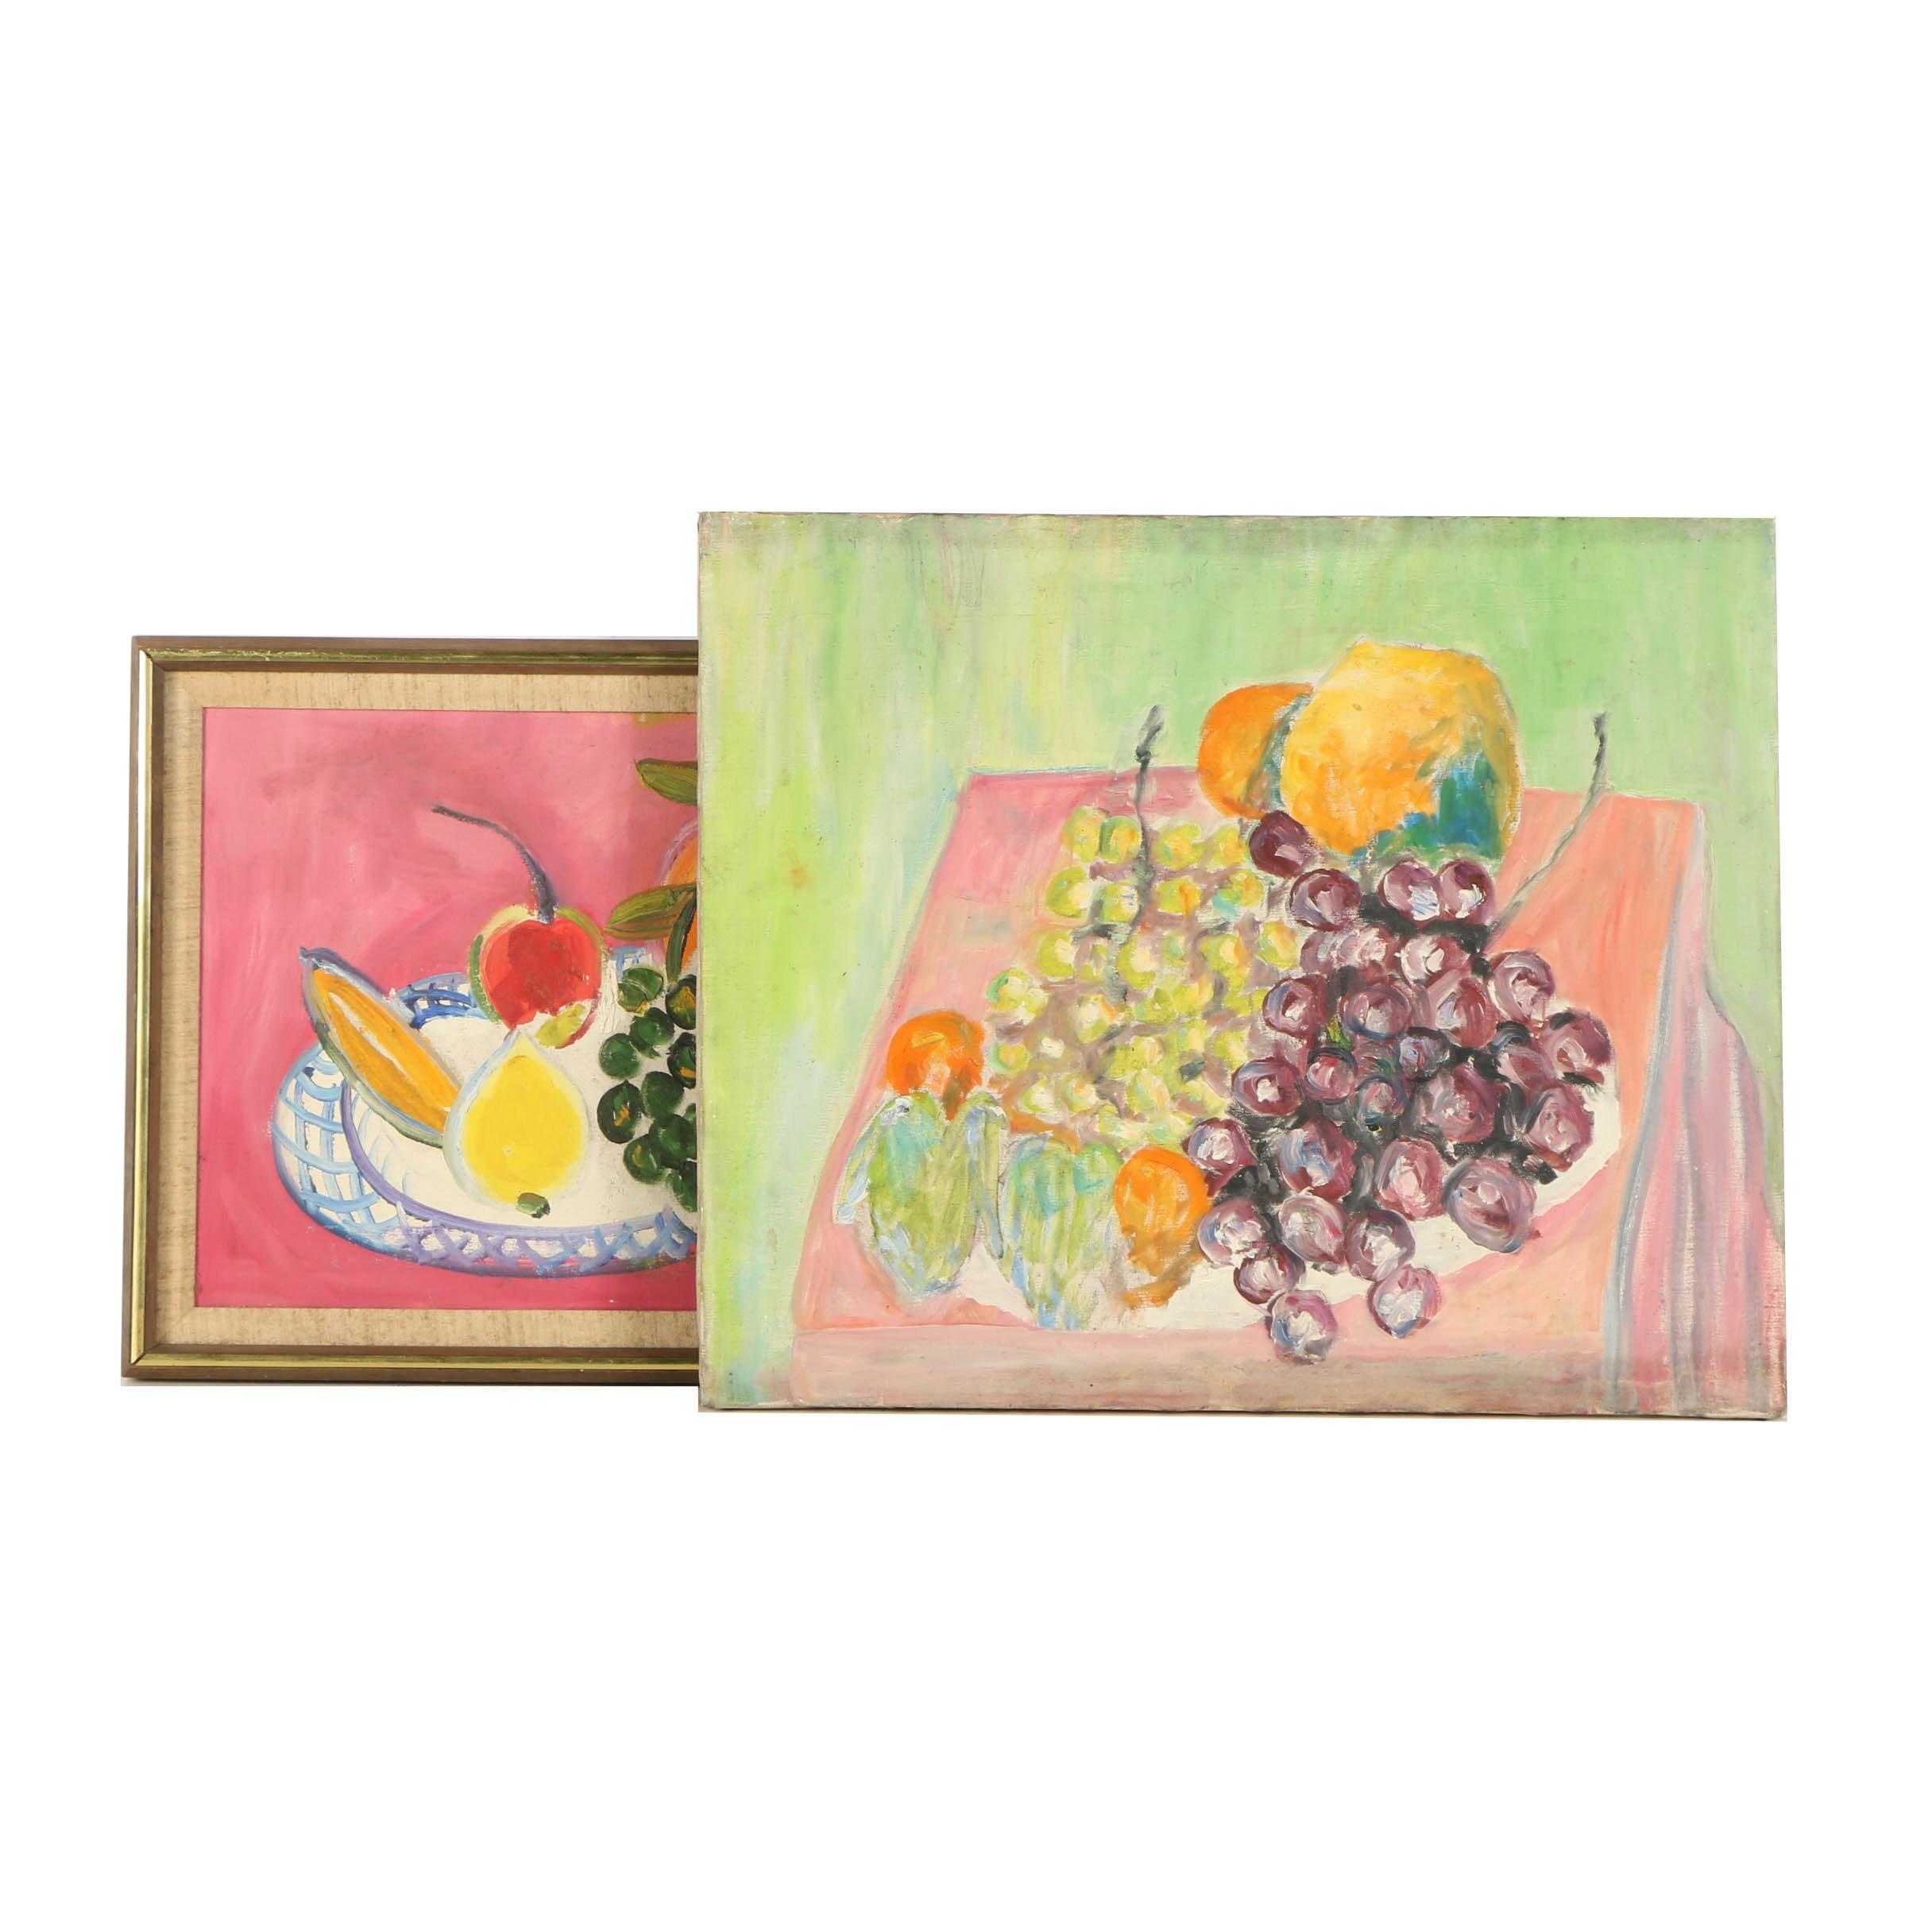 Oil Paintings of Fruit